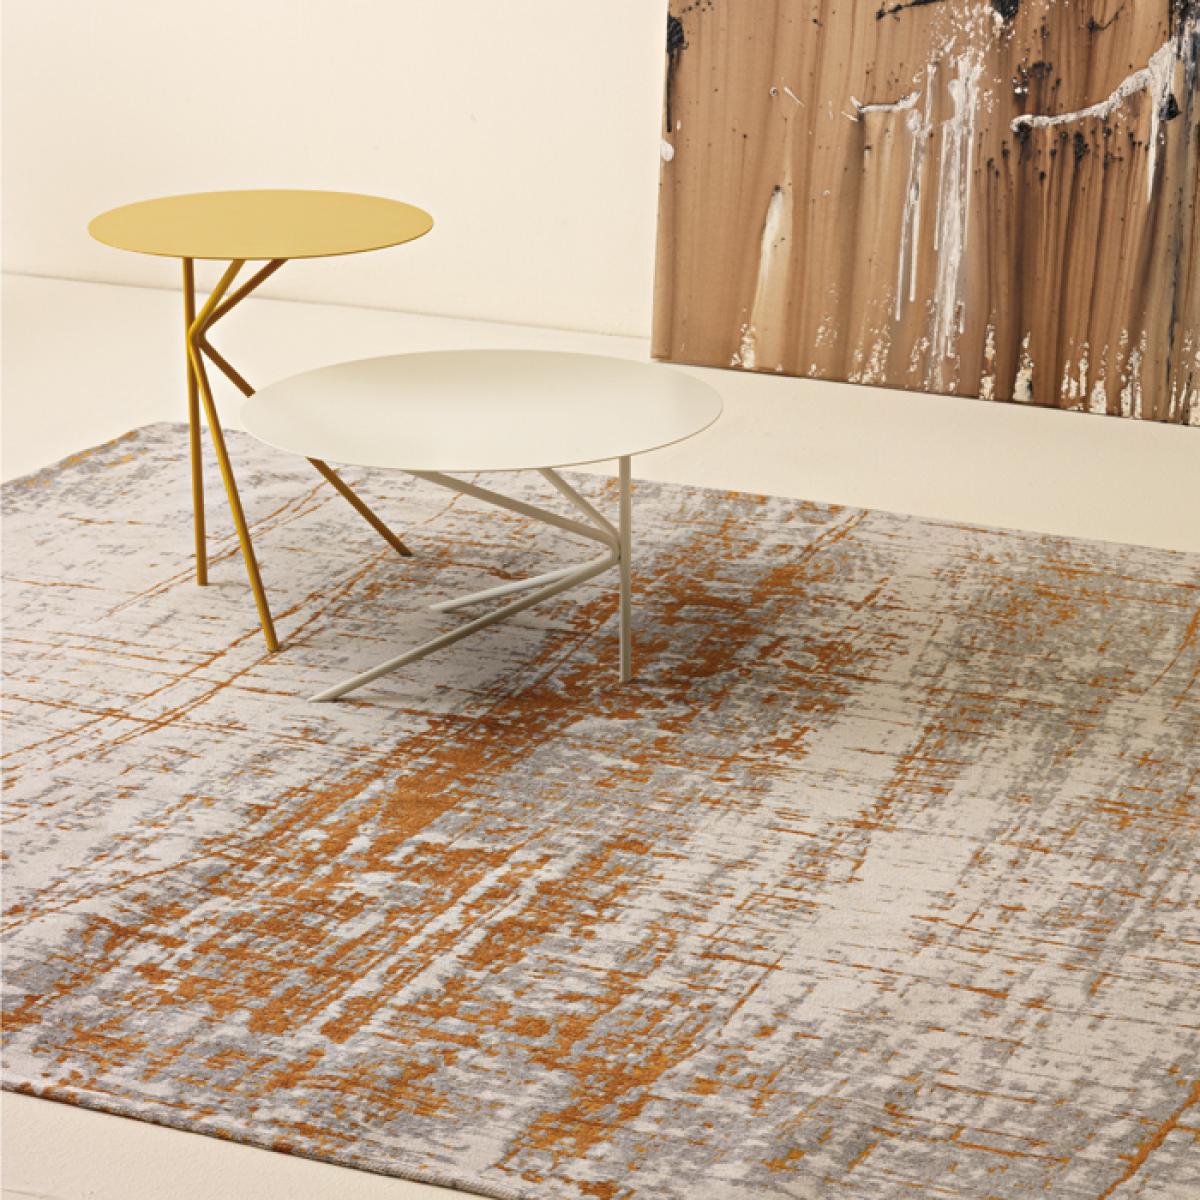 Tappeti moderni online | RAGGIO DI SOLE | MeMe Design ...